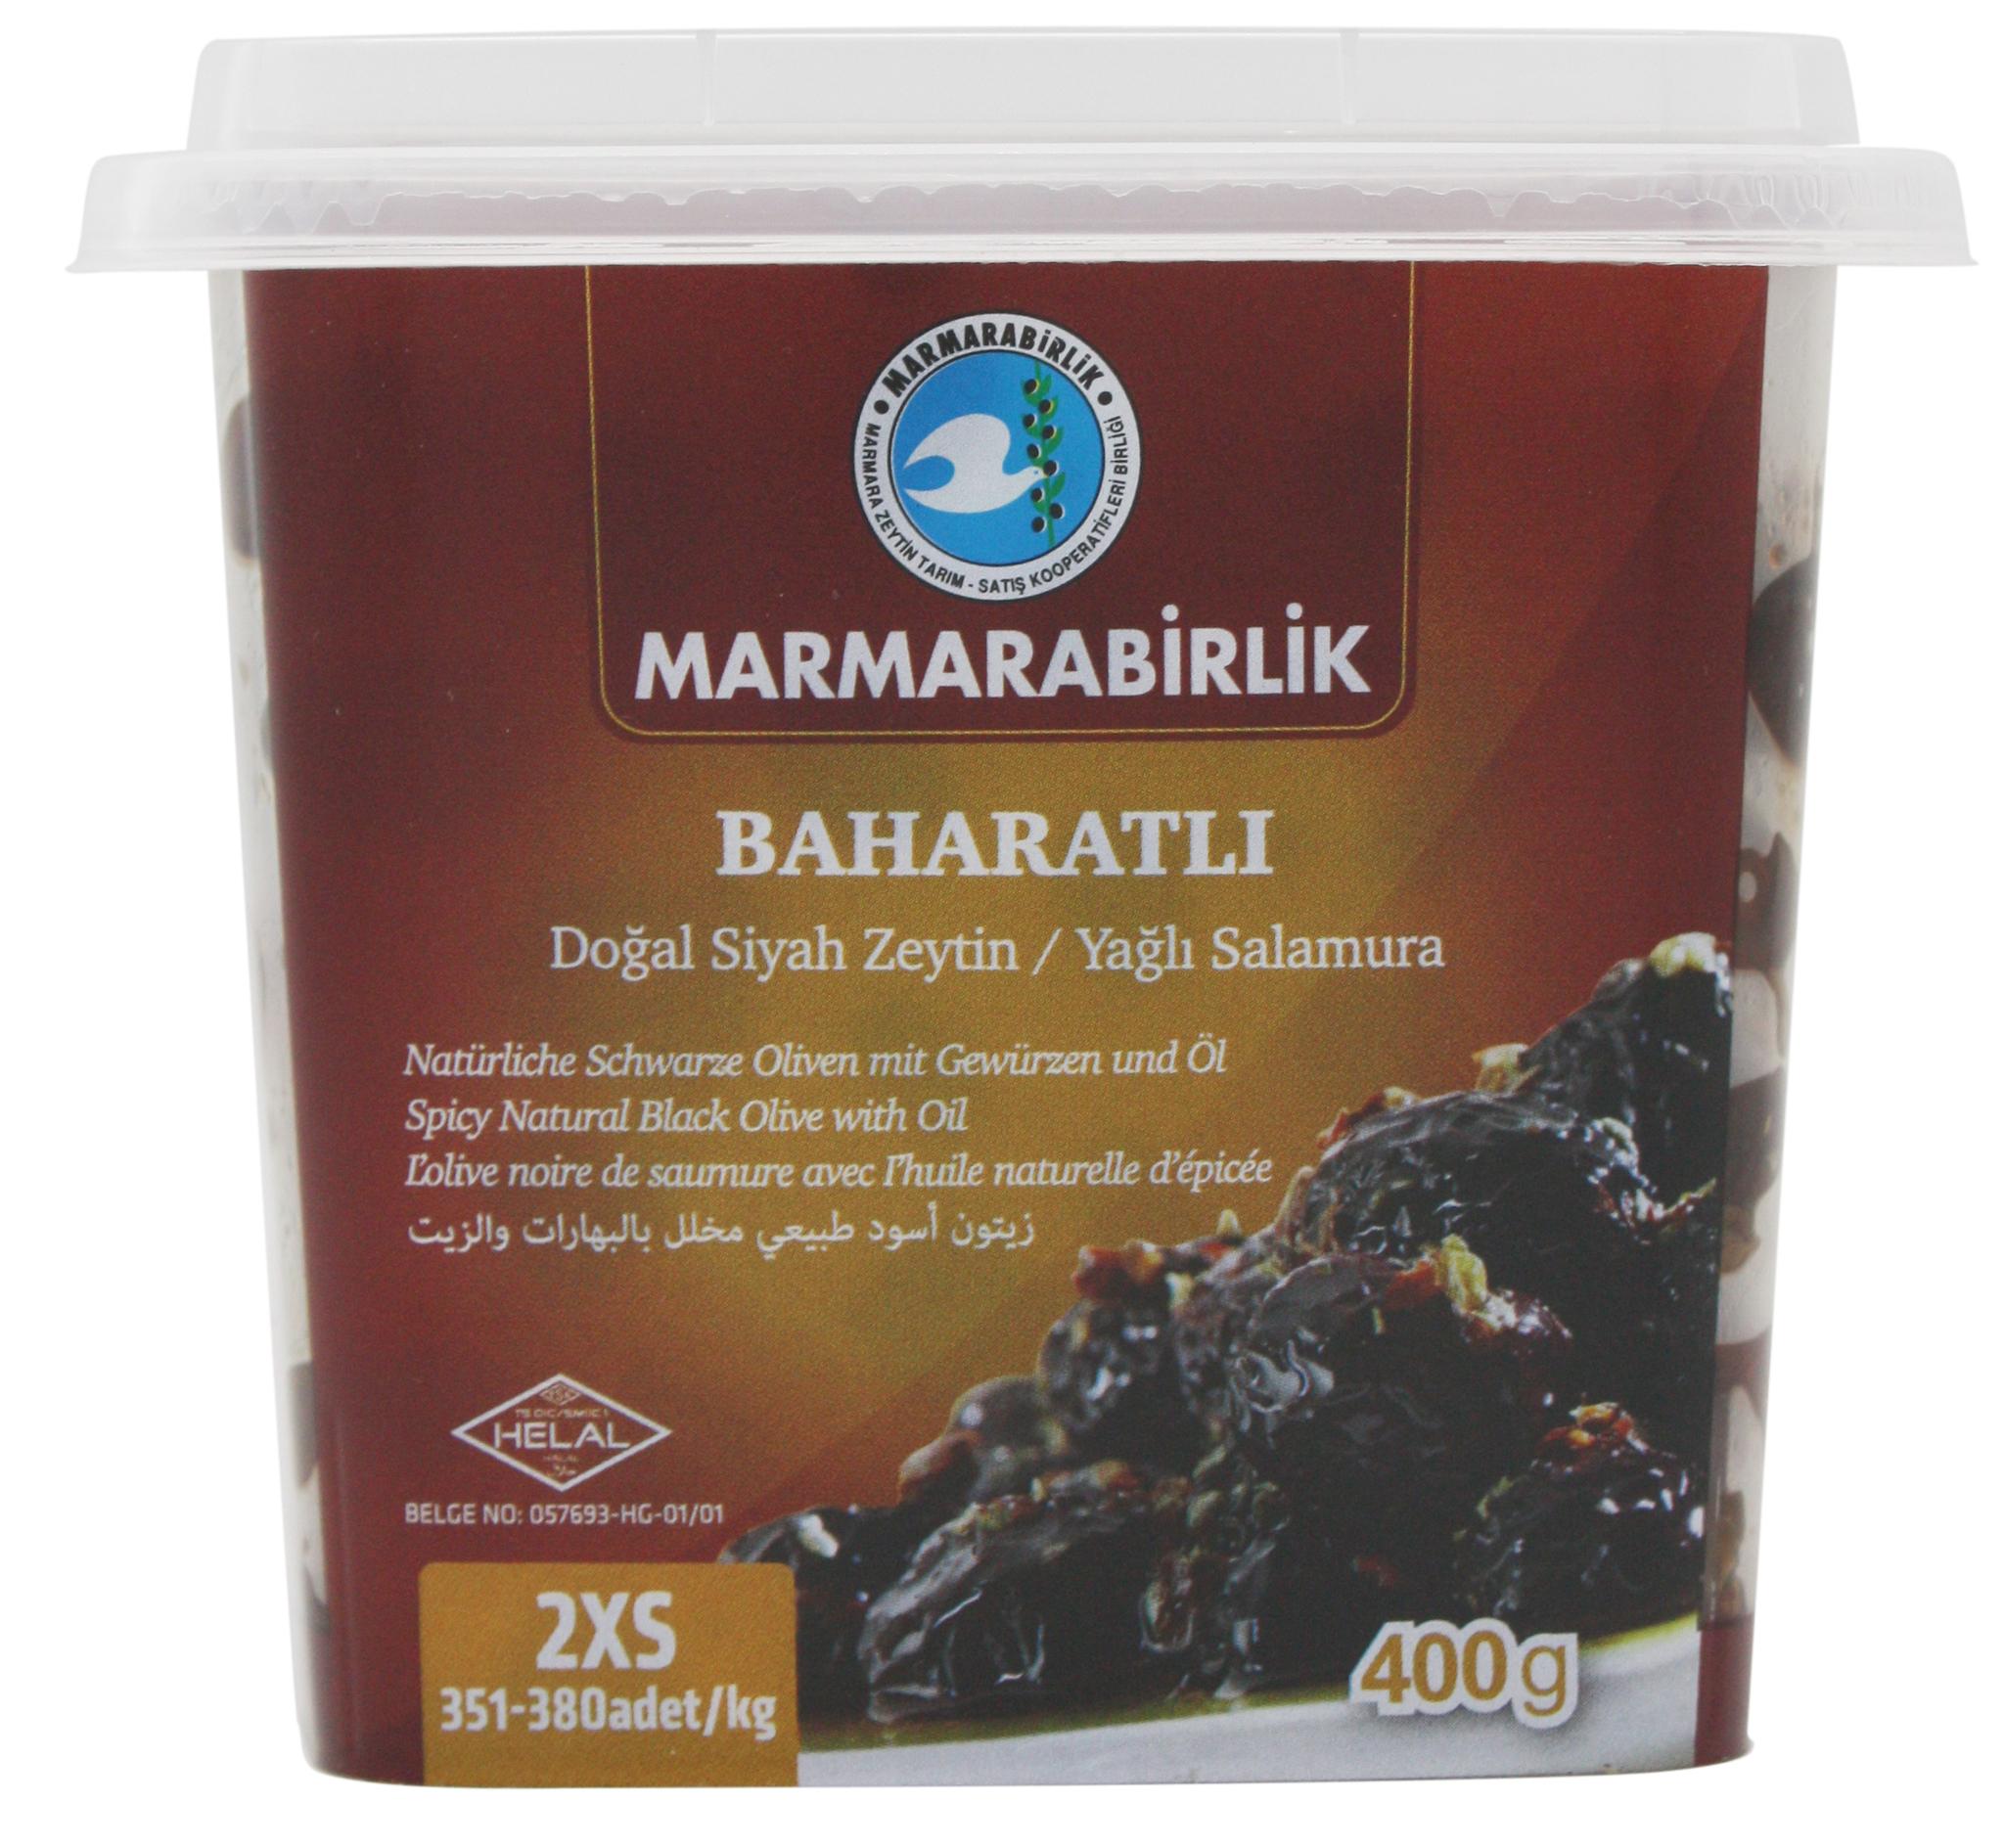 Оливки Маслины Baharatli вяленые со специями 2XS, Marmarabirlik, 400 г import_files_17_174bf817df9711e9a9b6484d7ecee297_06646426ef3211e9a9ba484d7ecee297.jpg